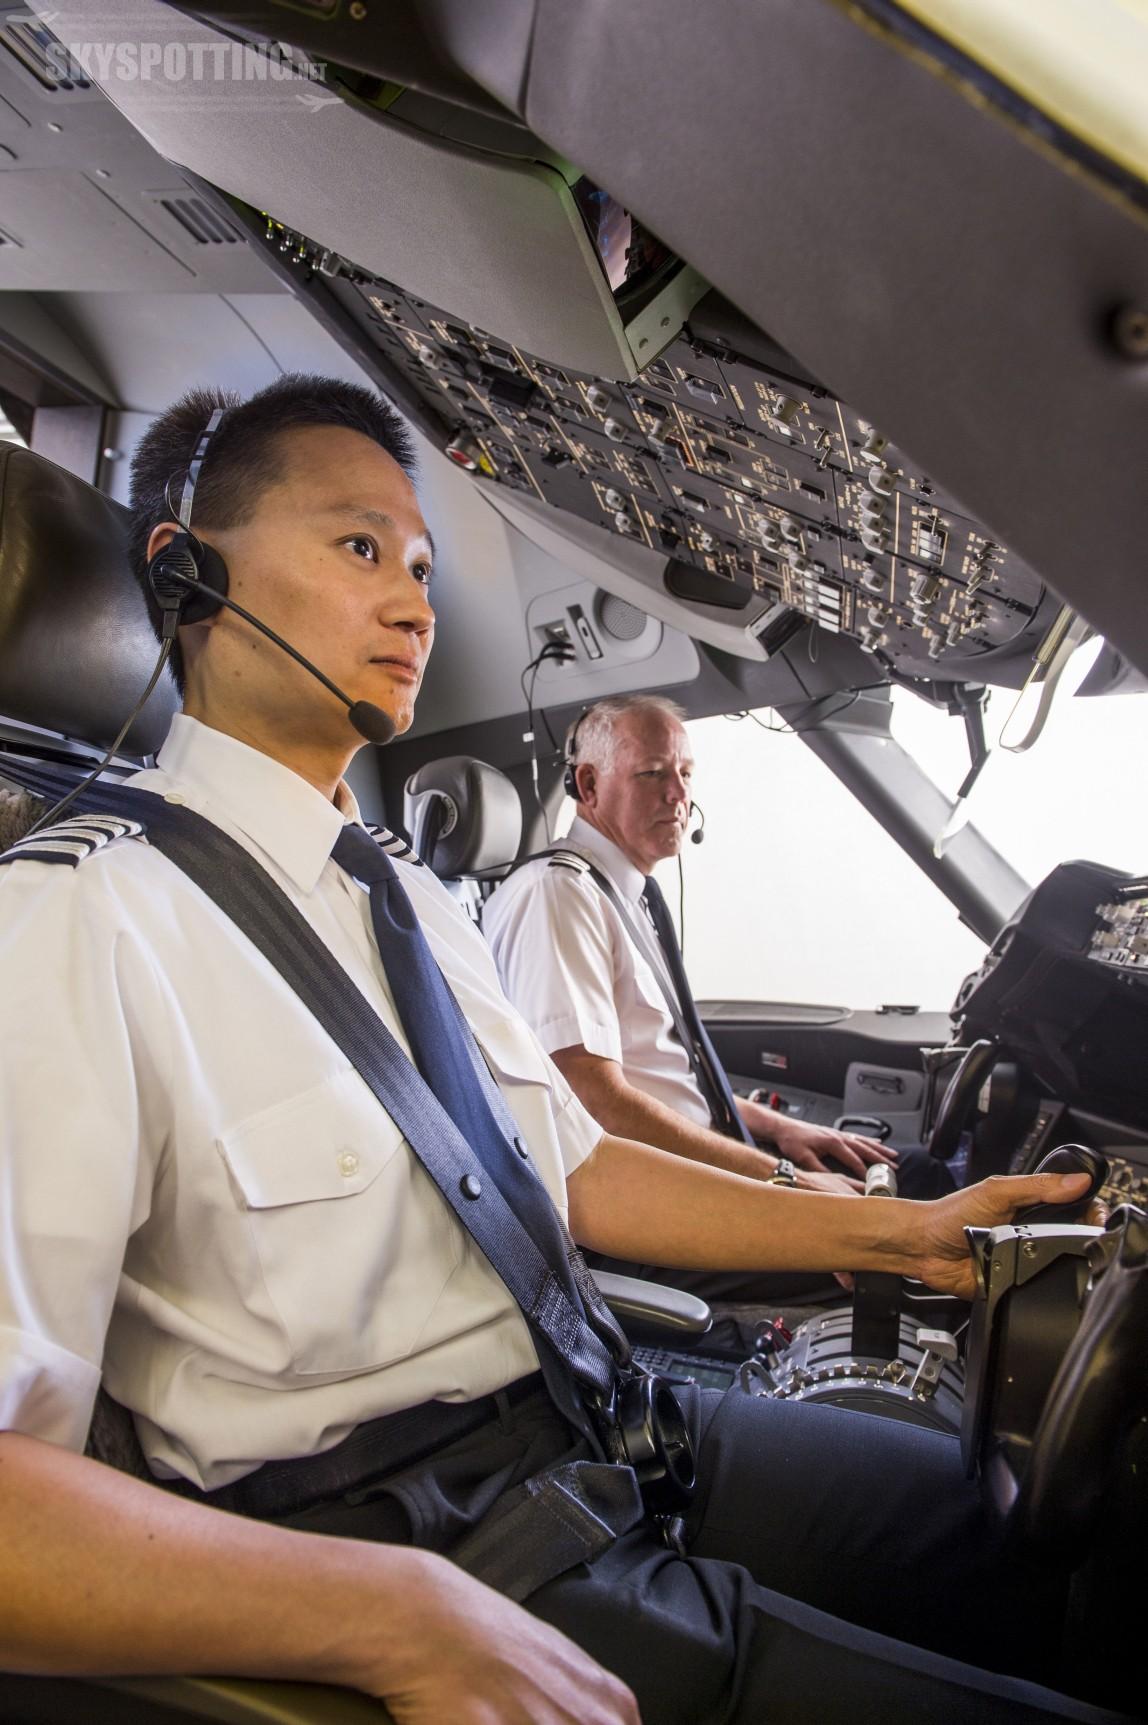 Boeing przewiduje, że region Azji i Pacyfiku będzie przewodzić światowemu zapotrzebowaniu na nowych pilotów i techników